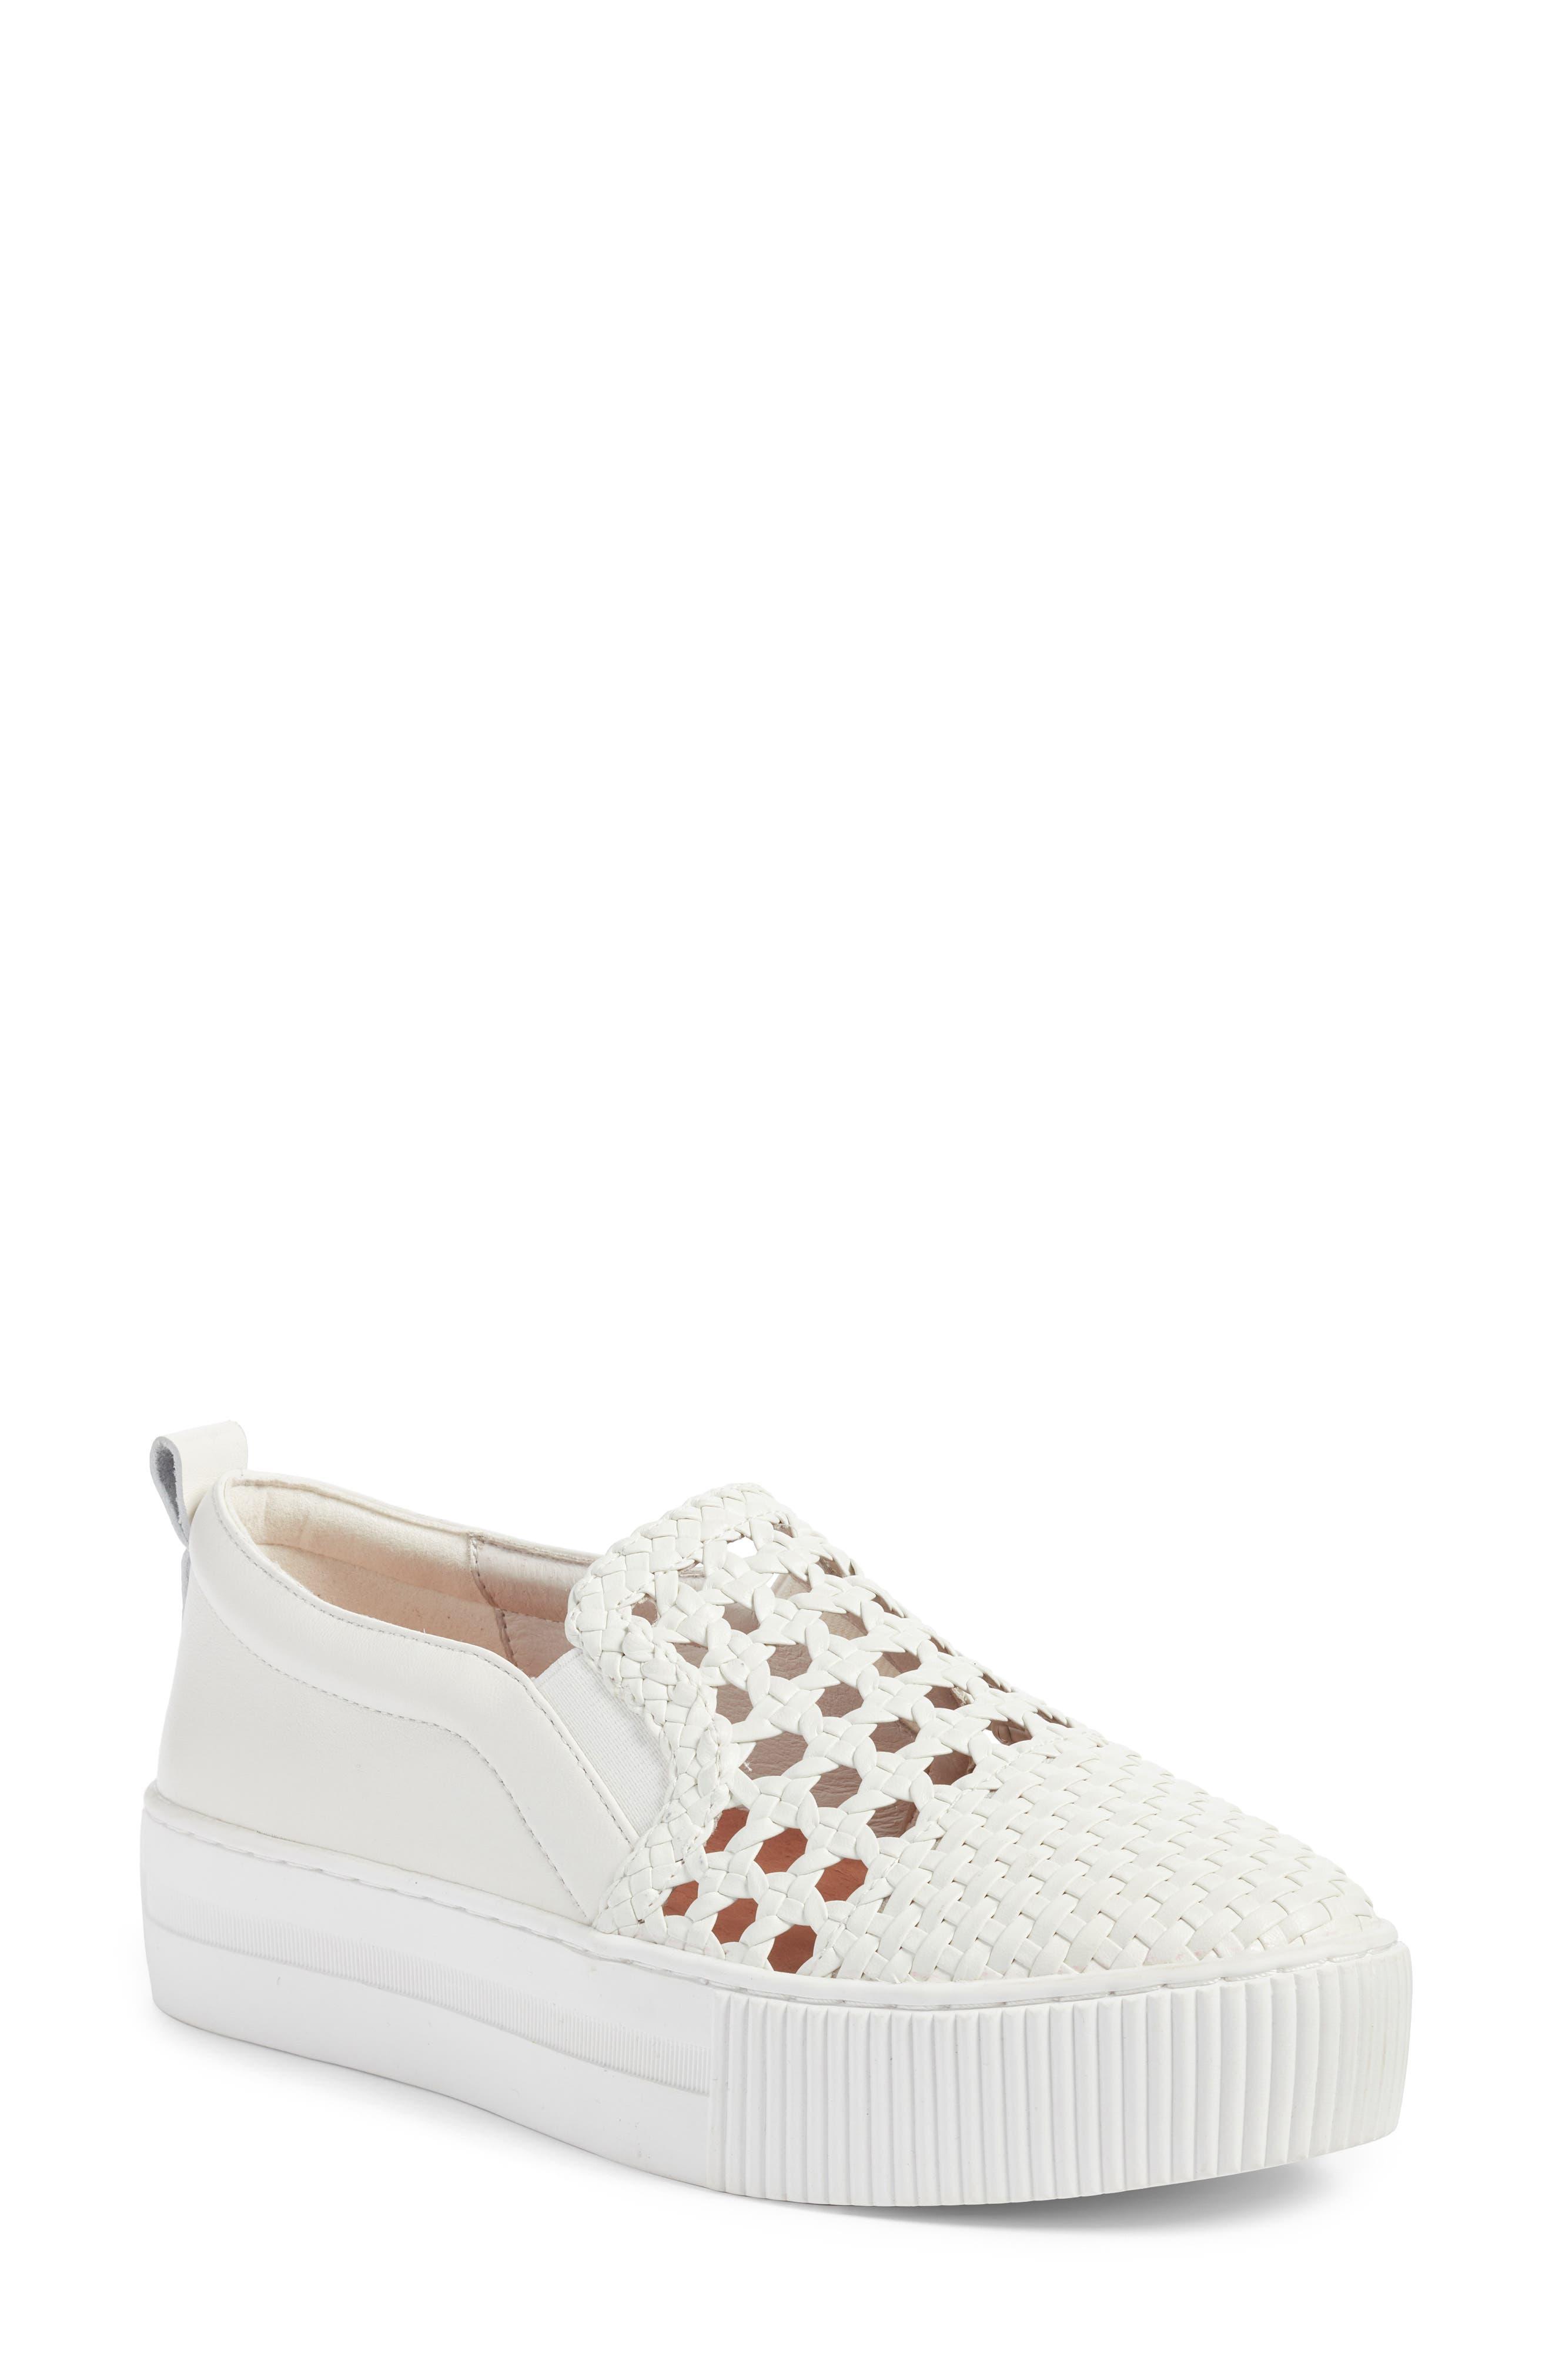 Baylee Slip-On Sneaker,                             Main thumbnail 1, color,                             WHITE WOVEN